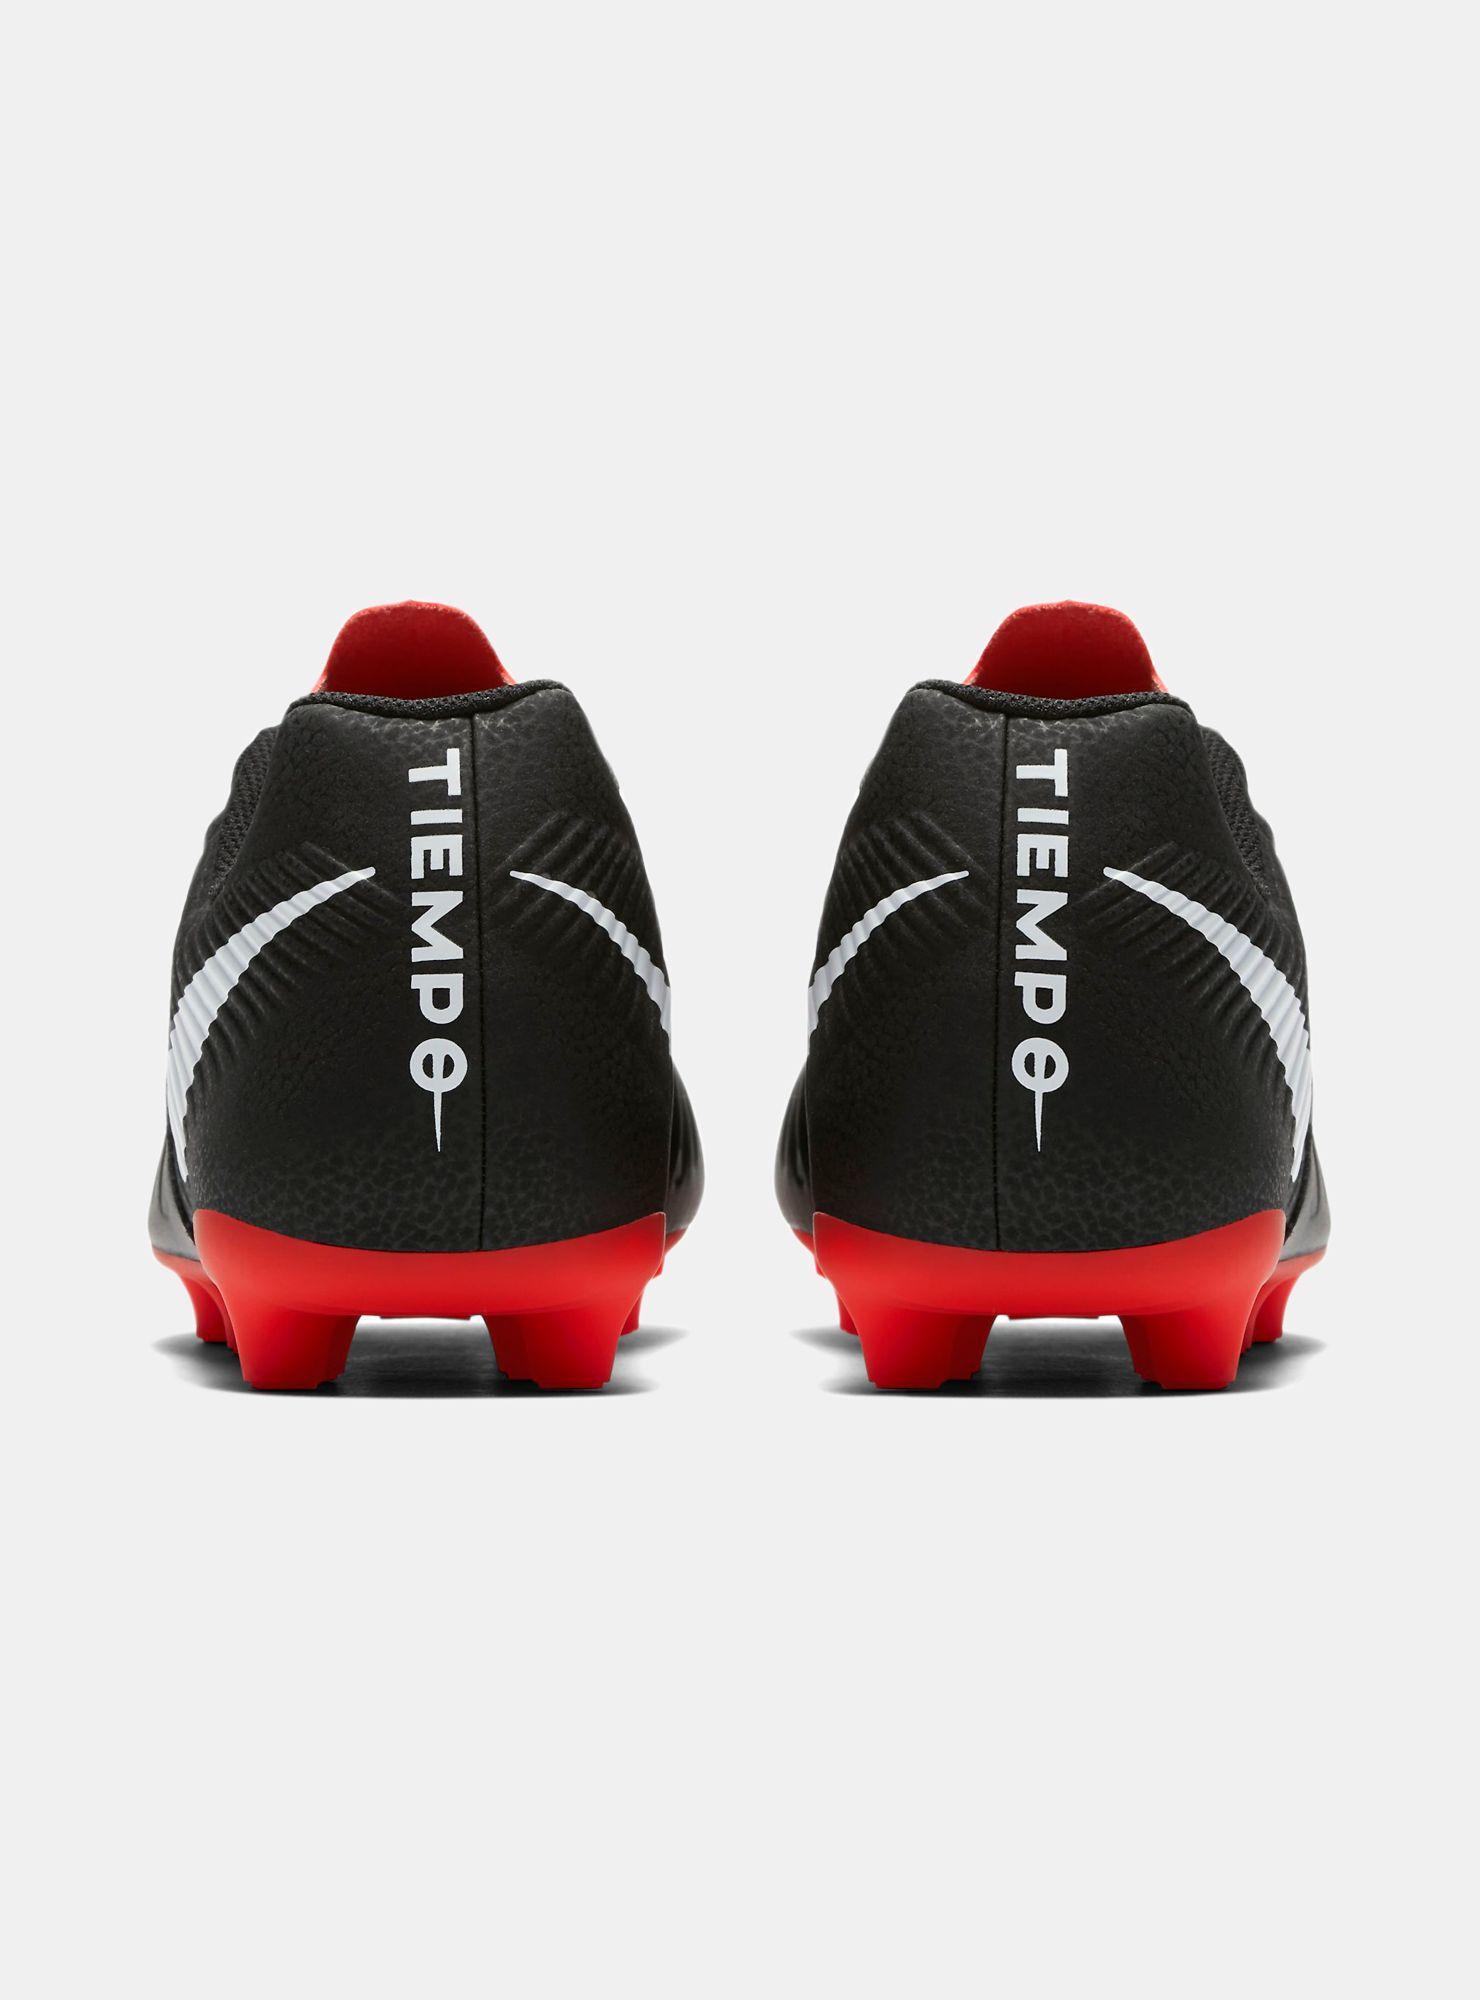 ... Nike Legend 7 Club Fútbol Hombre. Zapatilla%20Nike%20Legend%207%20Club%20F%C3%BAtbol%   Zapatilla%20Nike%20Legend%207%20Club%20F%C3%BAtbol% caffcbb7c3db6